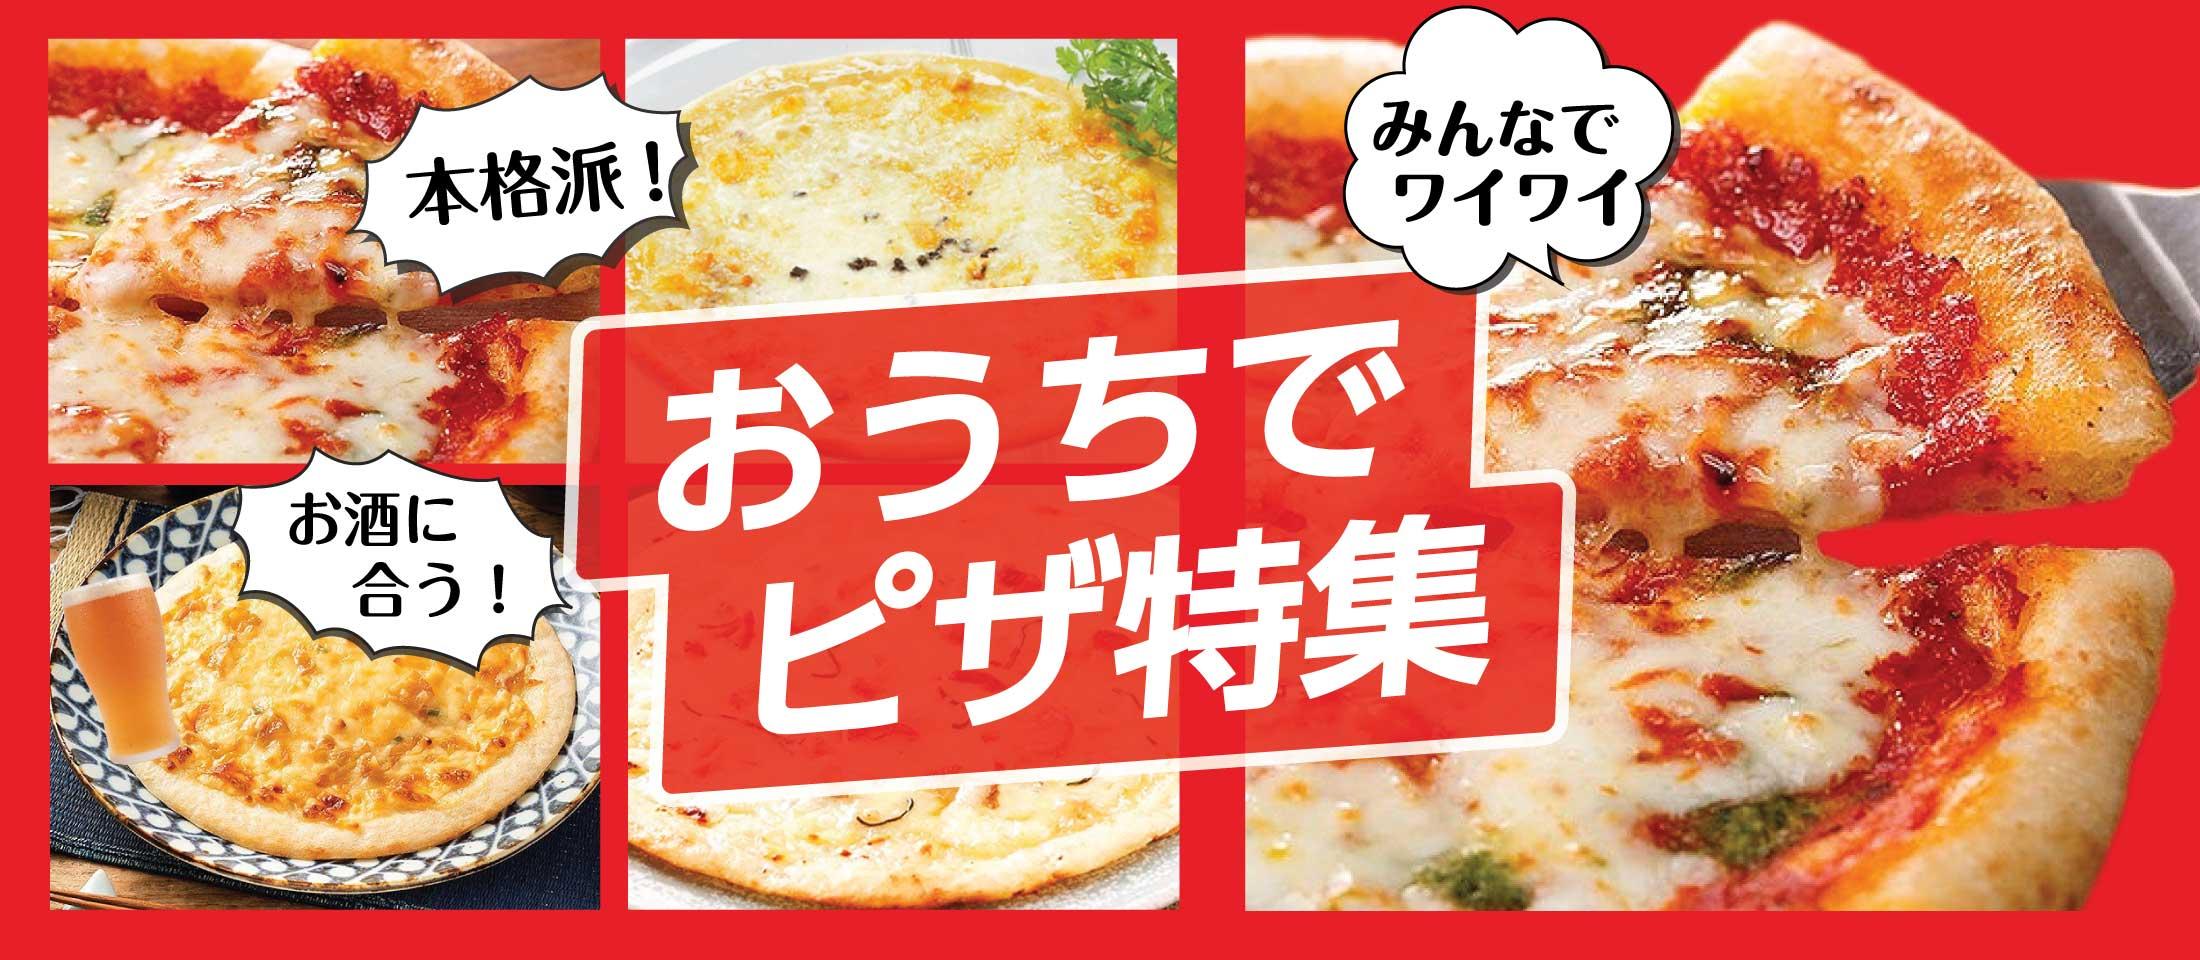 パーティーやランチ、お酒のお供に大活躍する様々なピザ特集6選 業務用食品・冷凍食品おすすめ 業務用食品・冷凍食品の通販 |ナカヤマフーズ